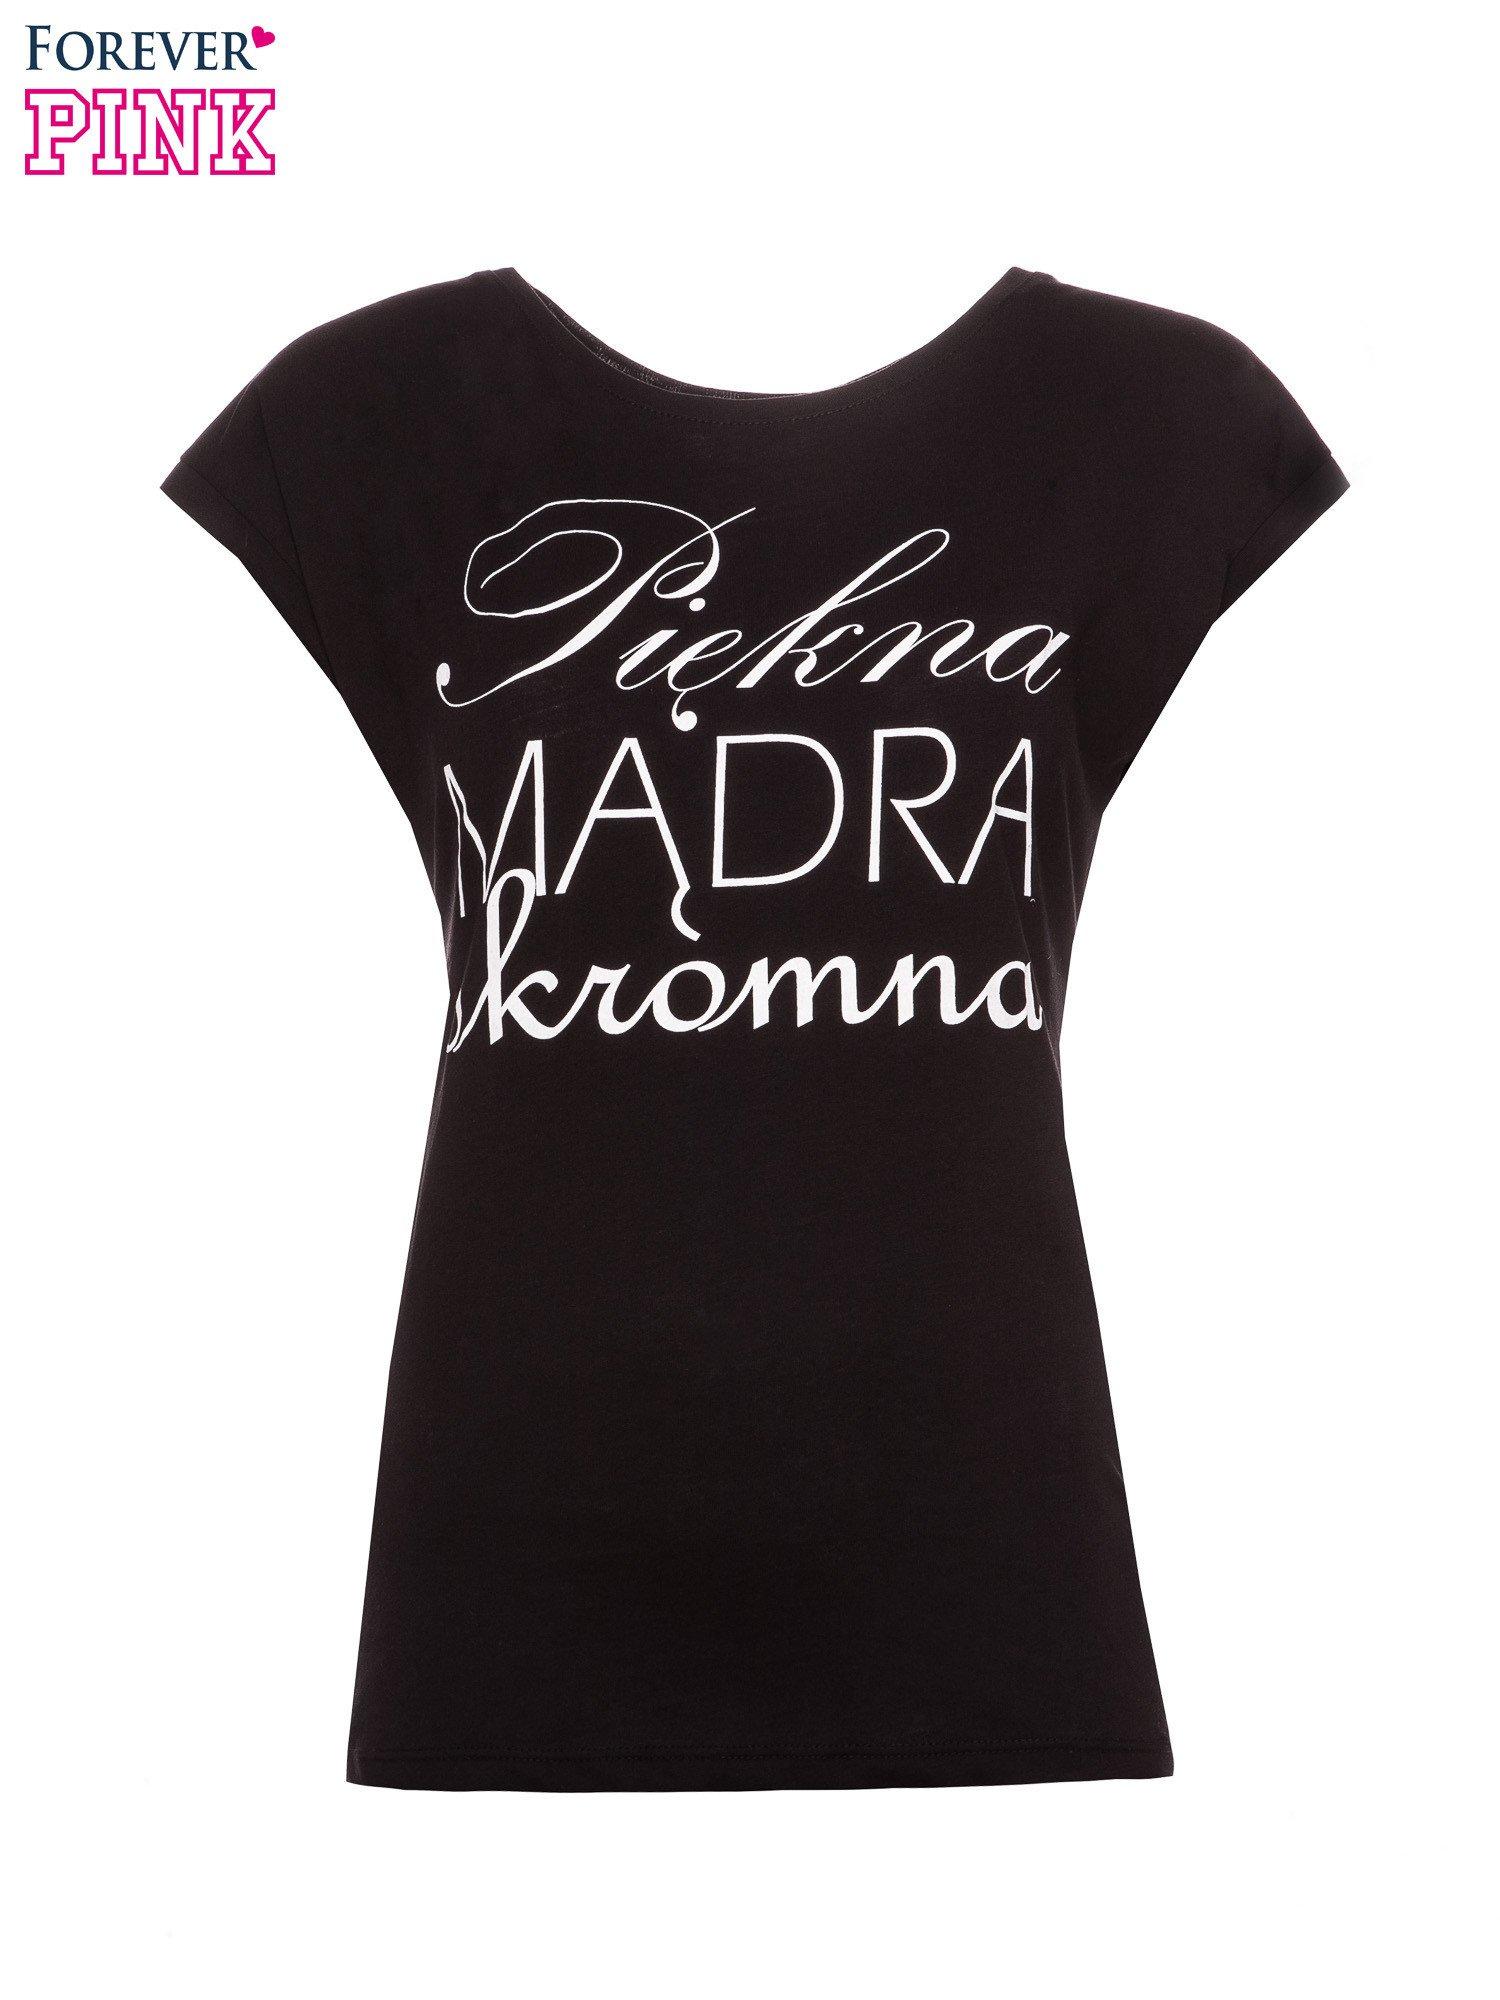 Czarny t-shirt z nadrukiem tekstowym PIĘKNA MĄDRA SKROMNA                                  zdj.                                  2